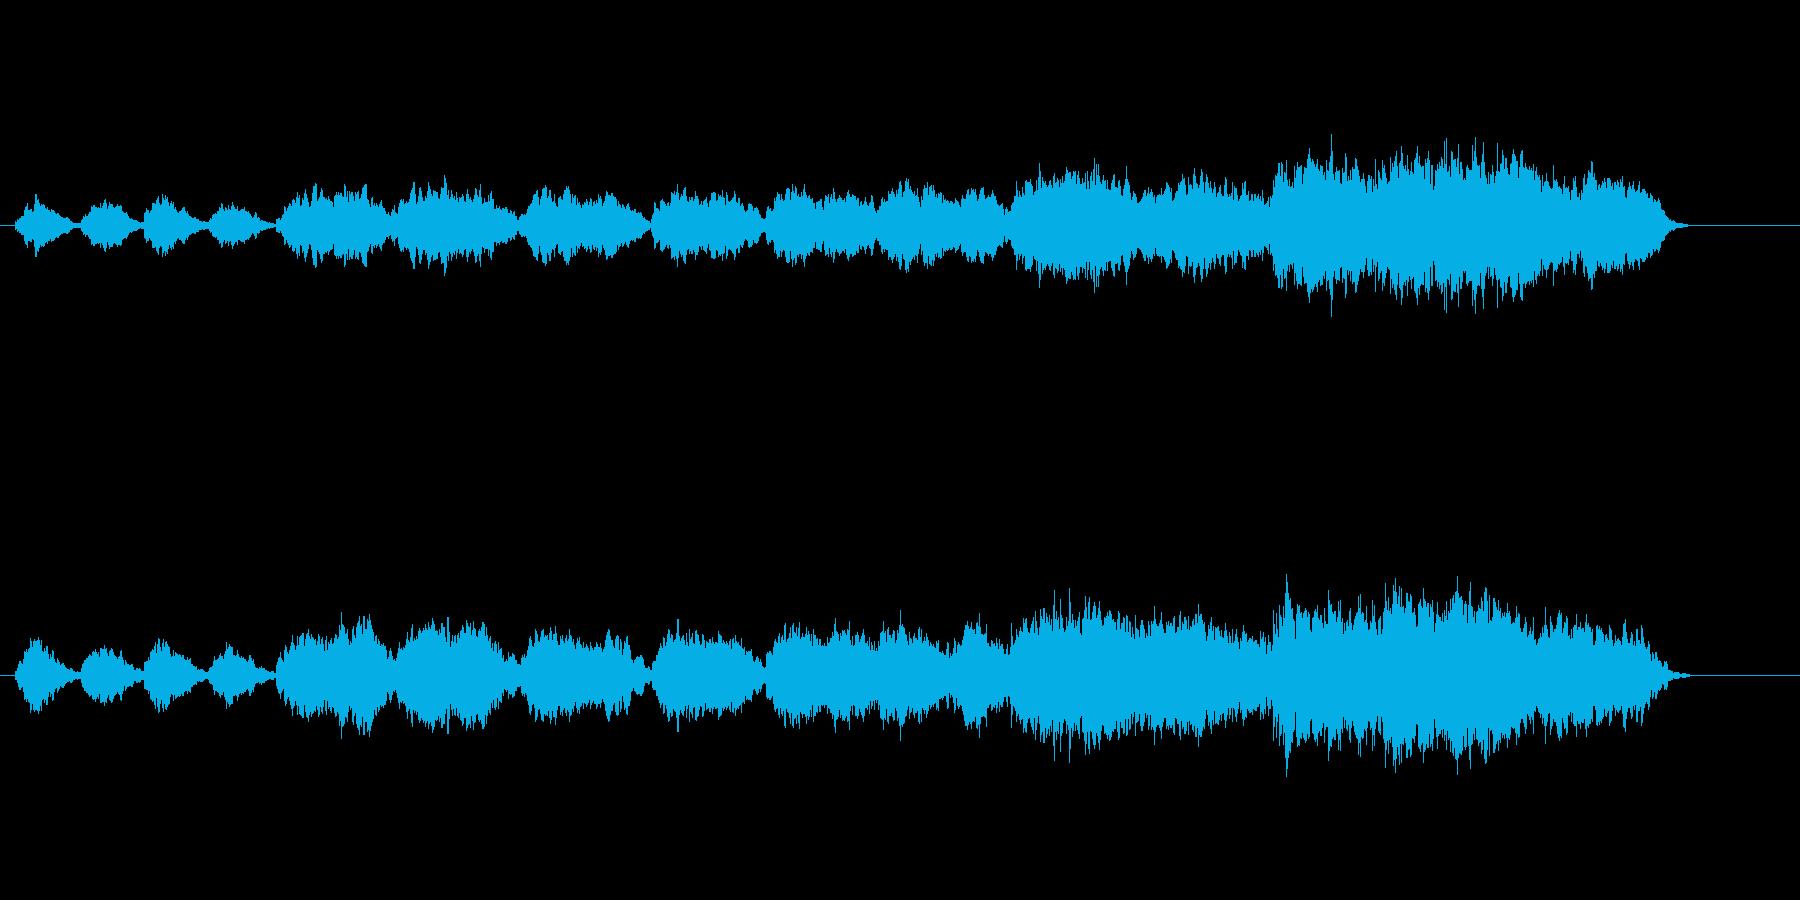 透明感のある環境音楽風の再生済みの波形